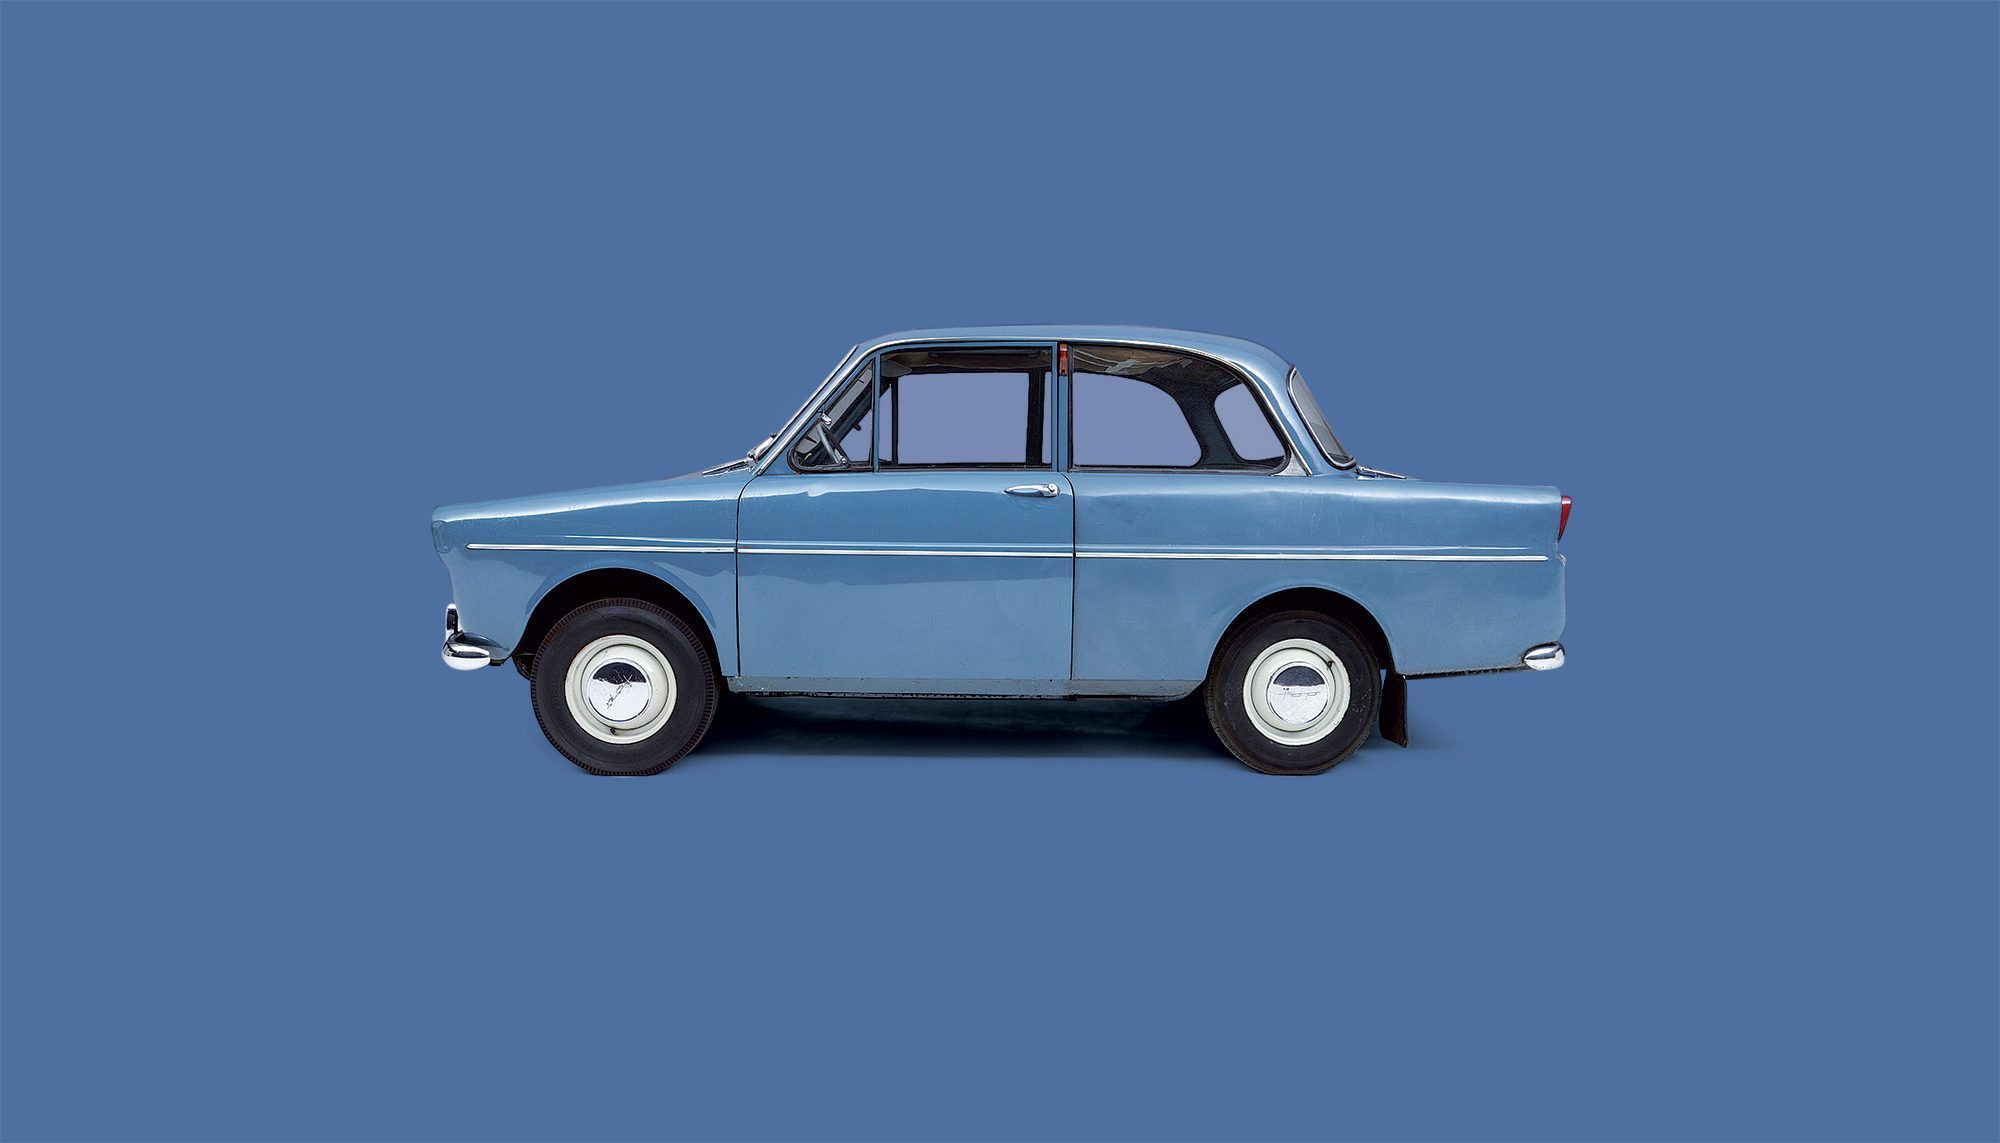 Bekijk DAF 600 Proto #13 in het Louwman Museum